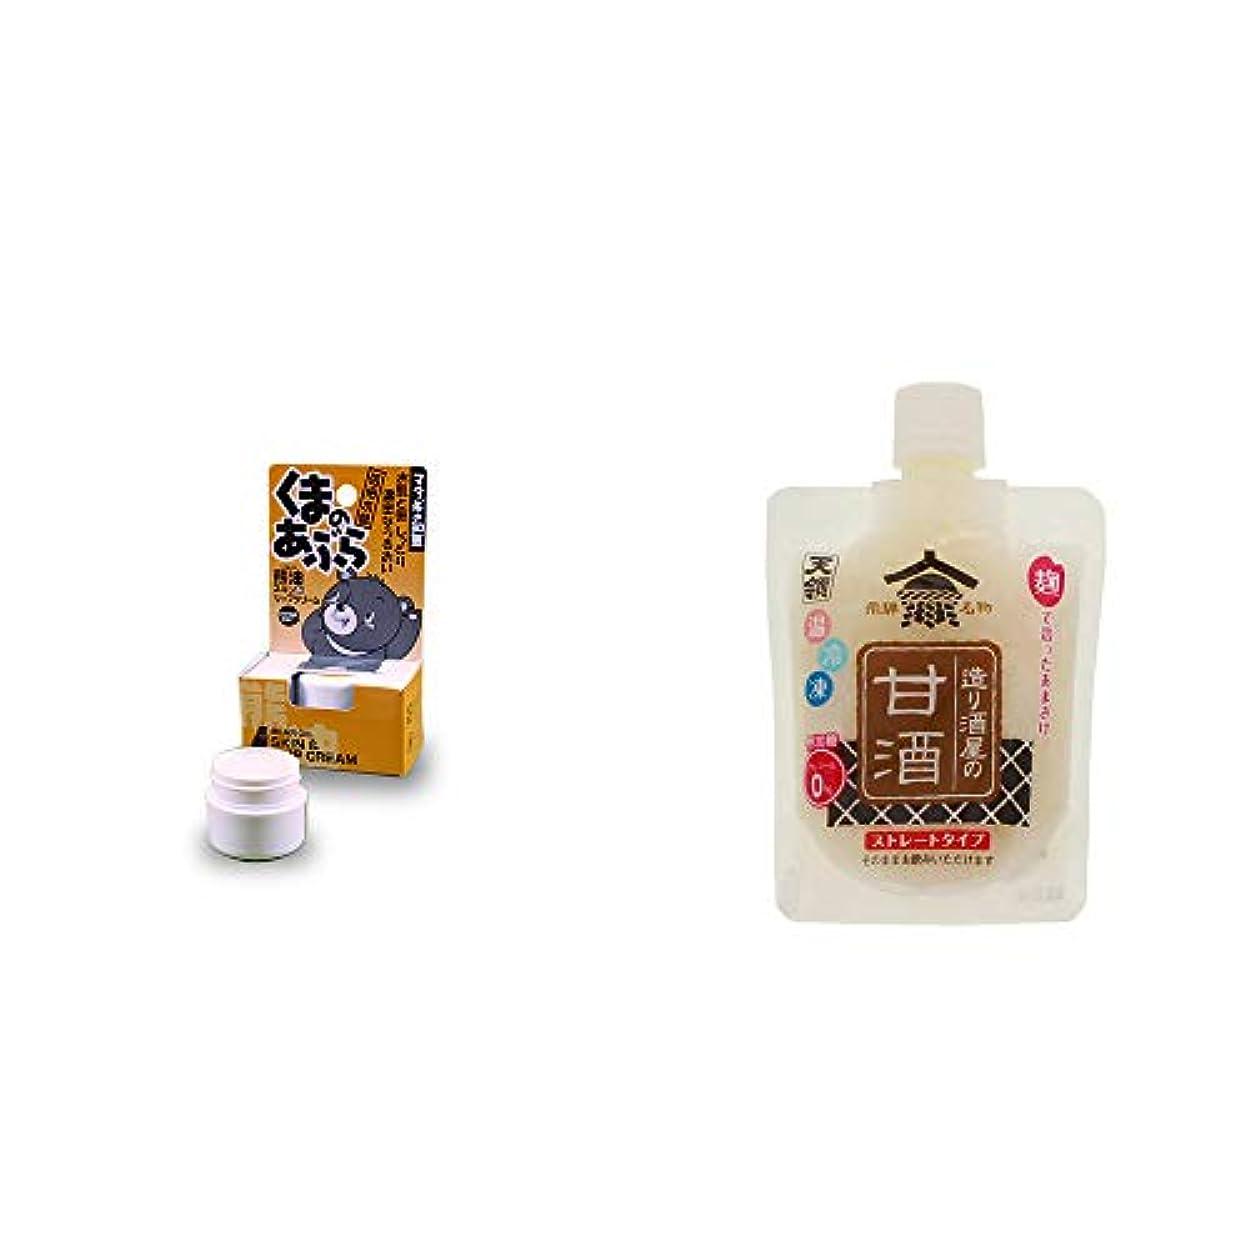 雪異常なリングレット[2点セット] 信州木曽 くまのあぶら 熊油スキン&リップクリーム(9g)?天領 造り酒屋の甘酒 ストレートタイプ(130g)